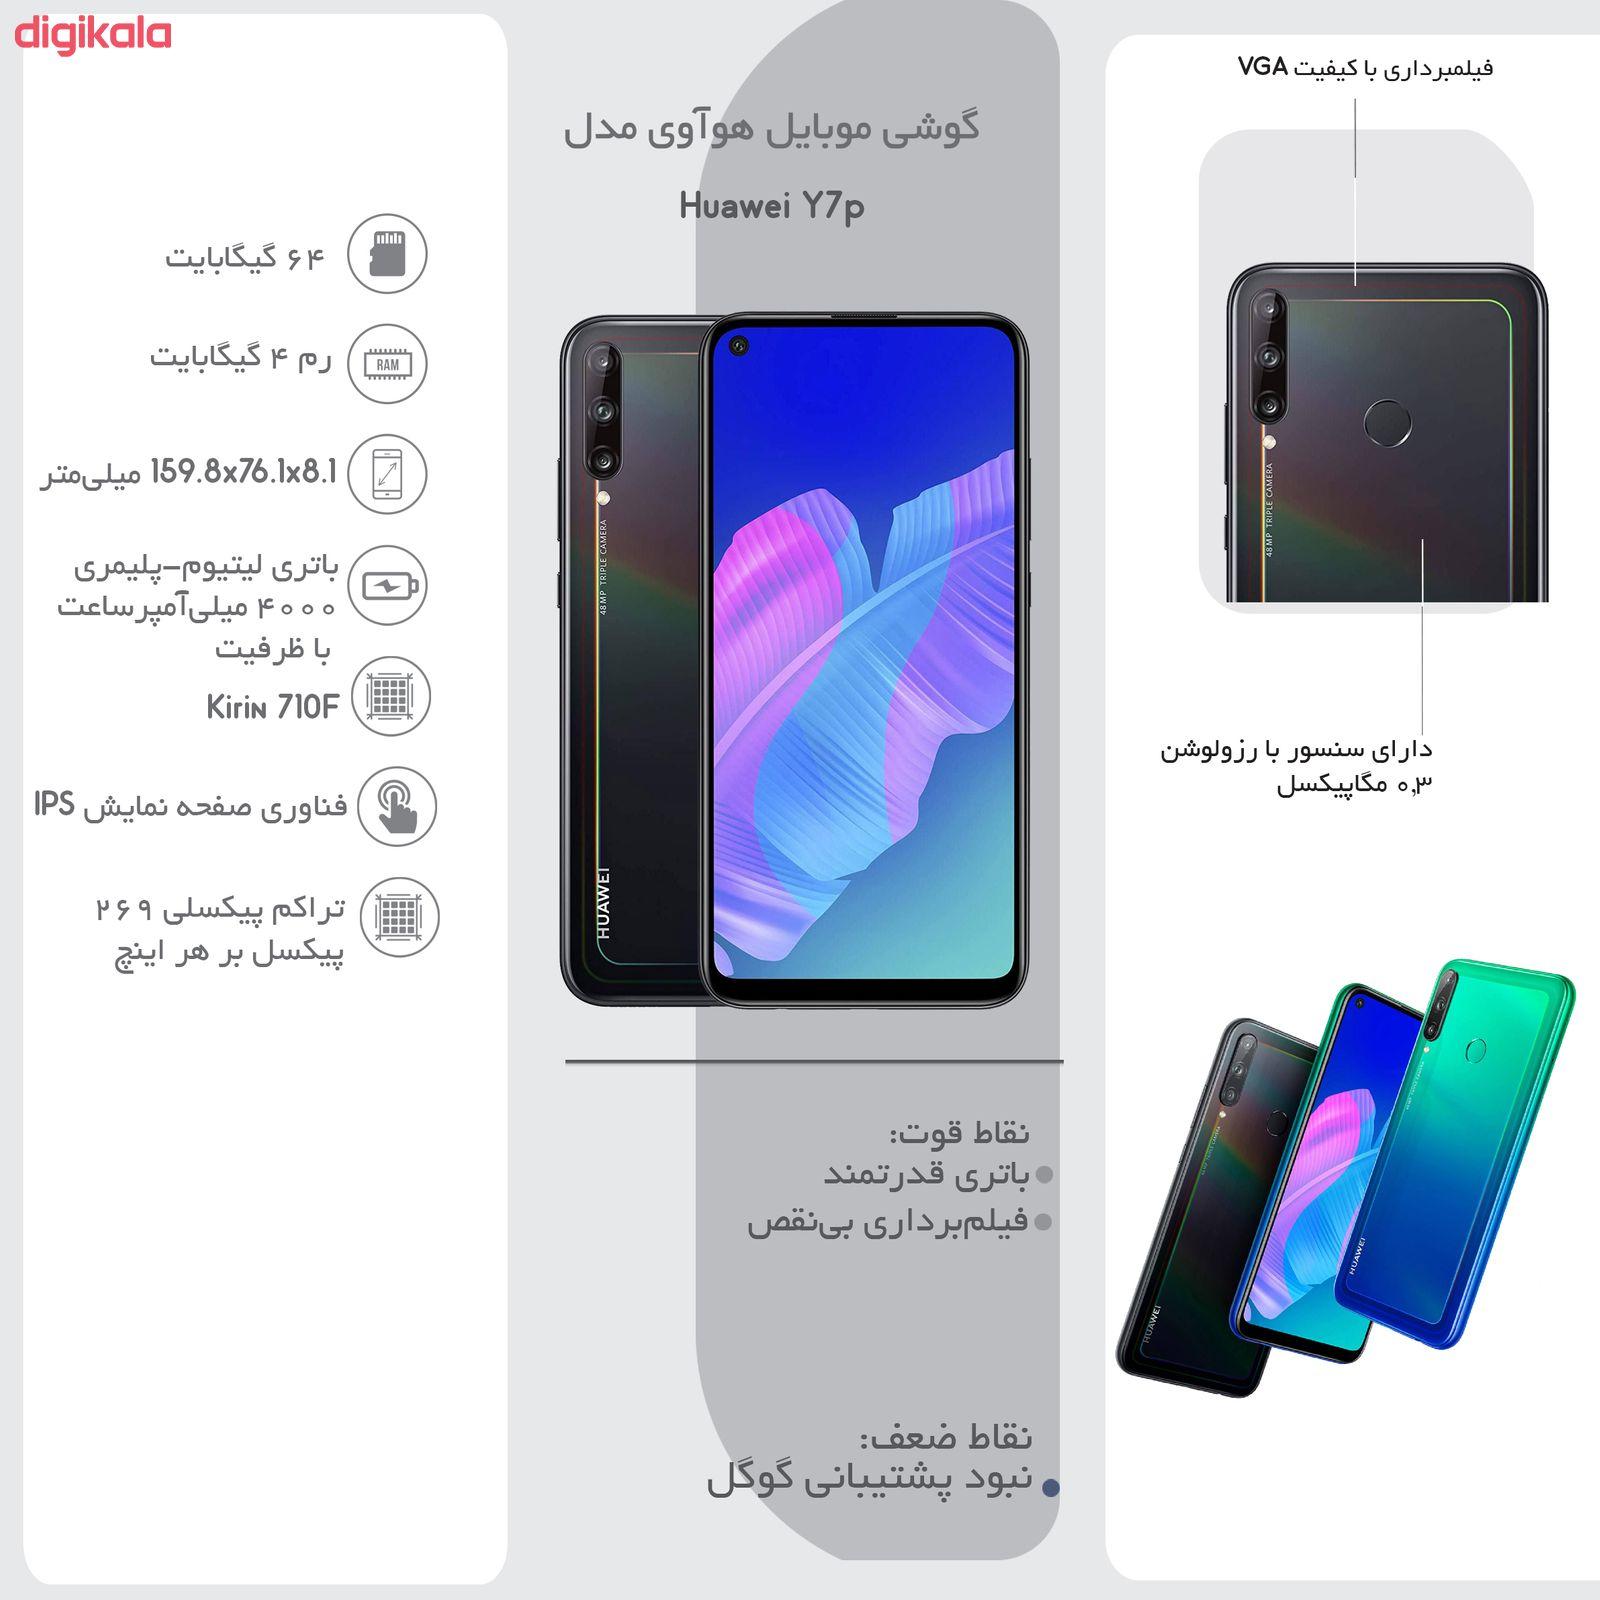 گوشی موبایل هوآوی مدل Huawei Y7p ART-L29 دو سیم کارت ظرفیت 64 گیگابایت به همراه کارت حافظه هدیه main 1 27